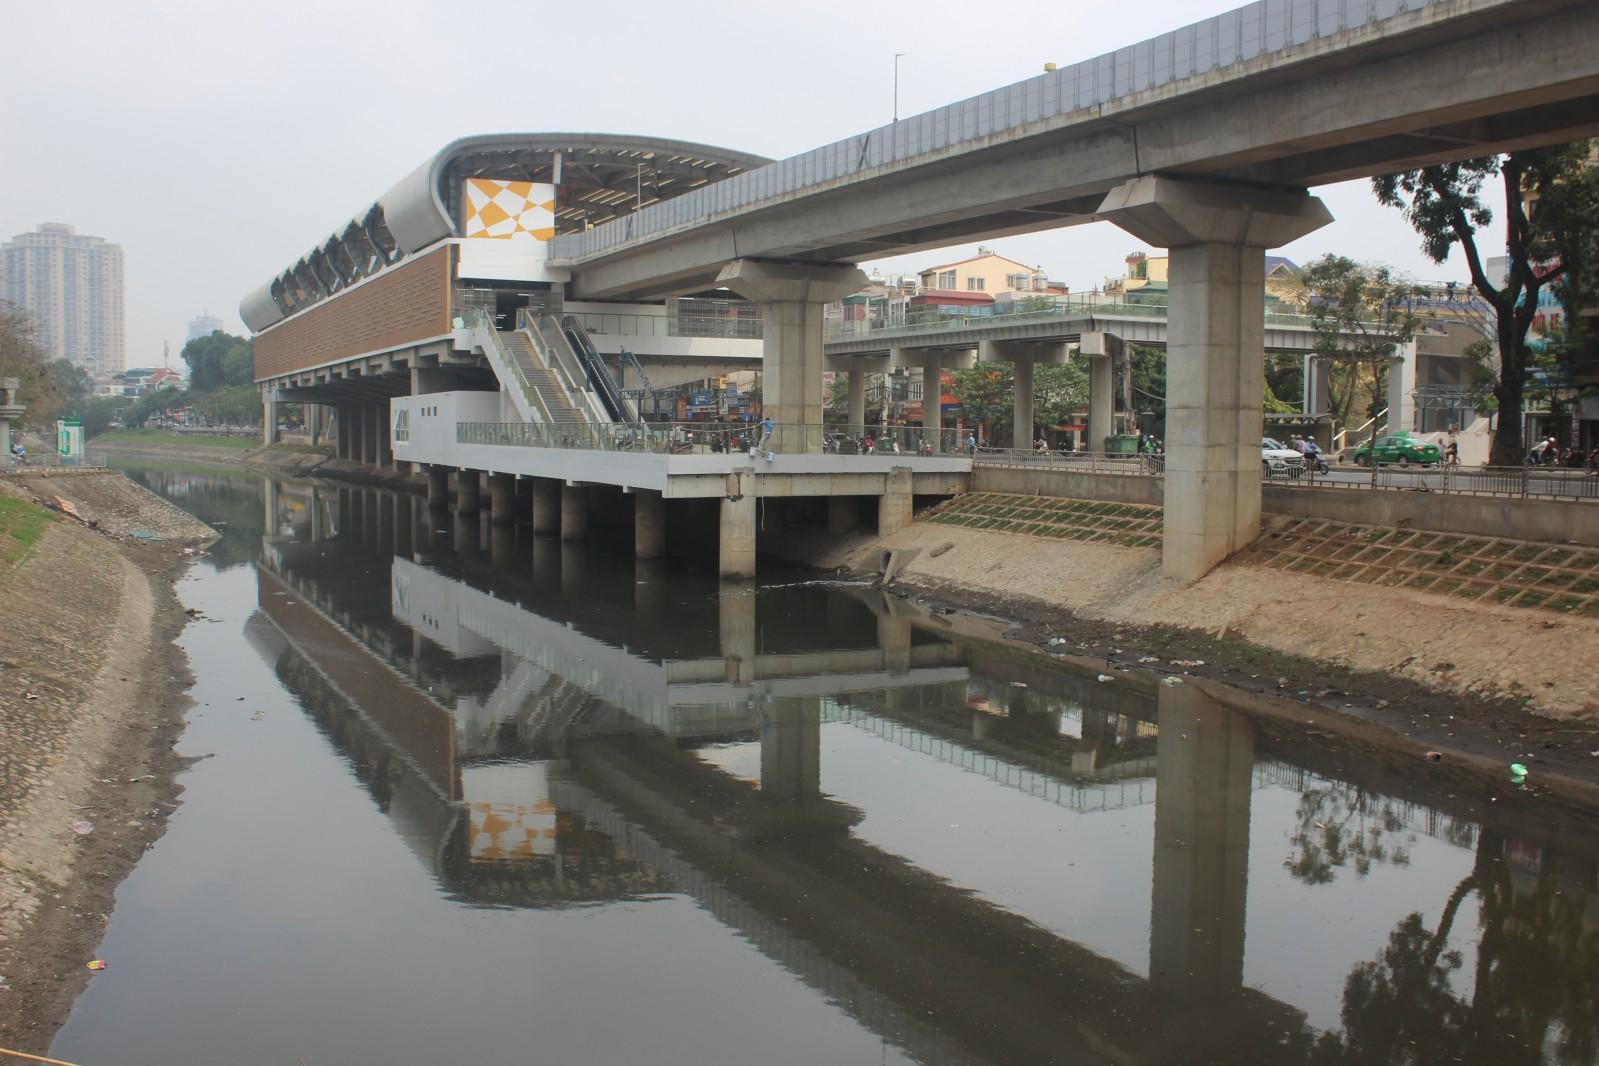 """Sông Tô Lịch qua quá trình đô thị hóa đã bị ô nhiễm nghiêm trọng khi """"gánh"""" 150.000 m3 nước thải sinh hoạt và công nghiệp được xả xuống sông"""